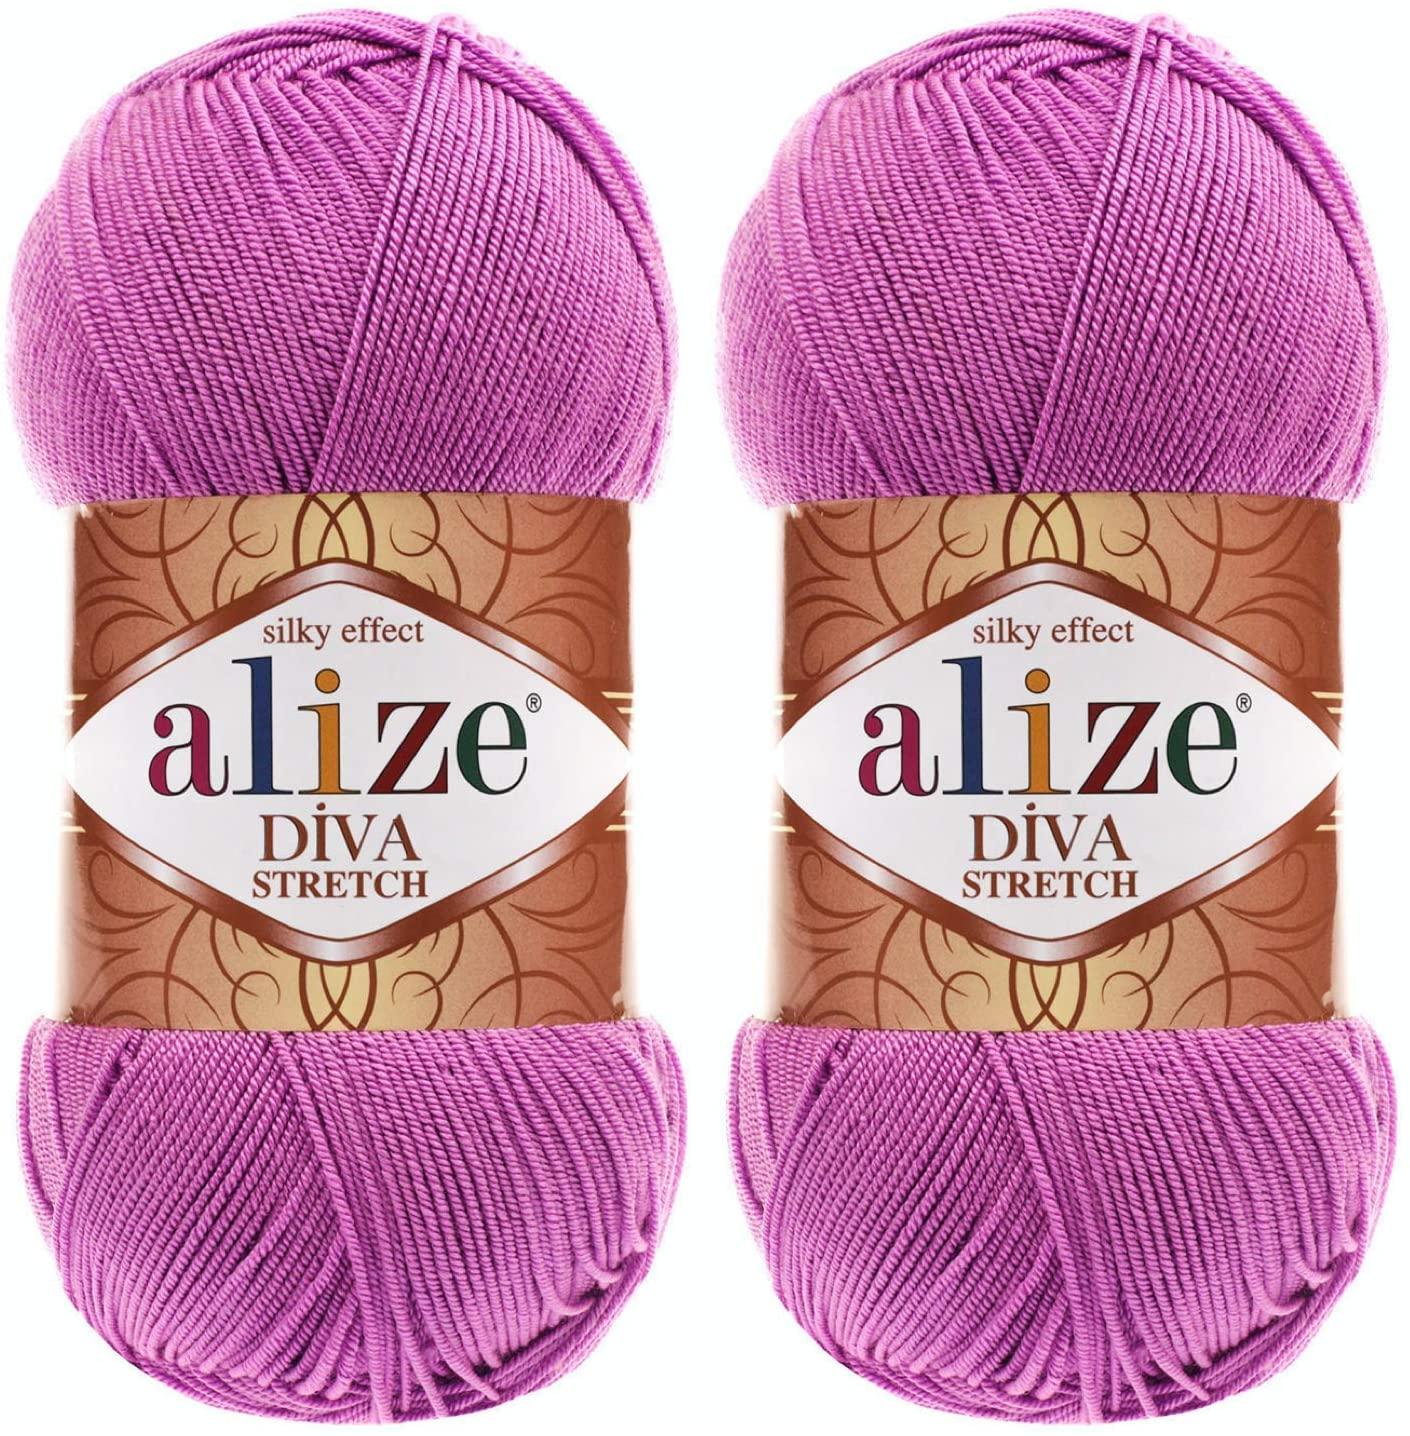 Alize Diva Stretch Thread Crochet Hand Knitting Lot of 2skn 200gr 875yds 100% Elastic Microfiber Acrylic Stretch Bikini Yarn (378-Orchid)